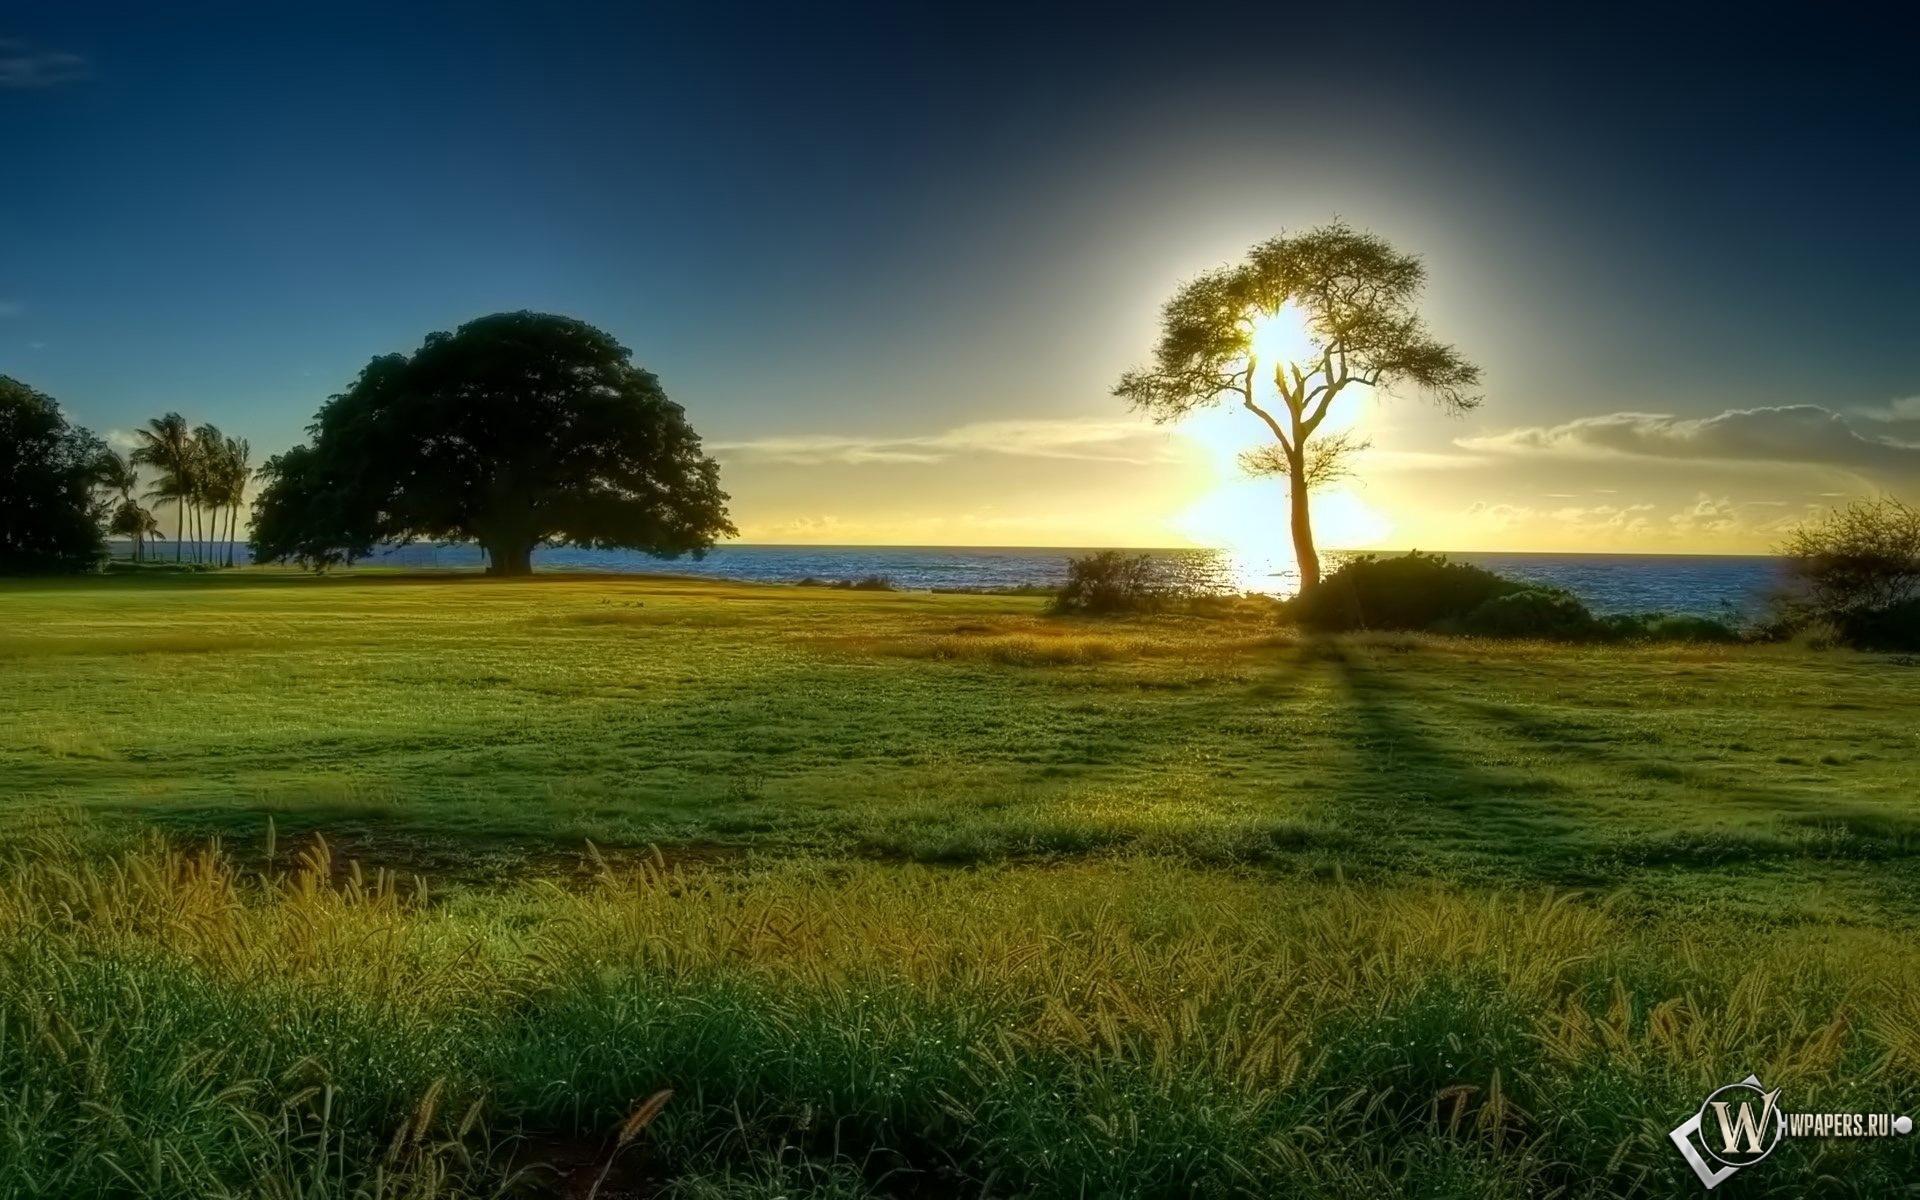 Дерево на поляне 1920x1200